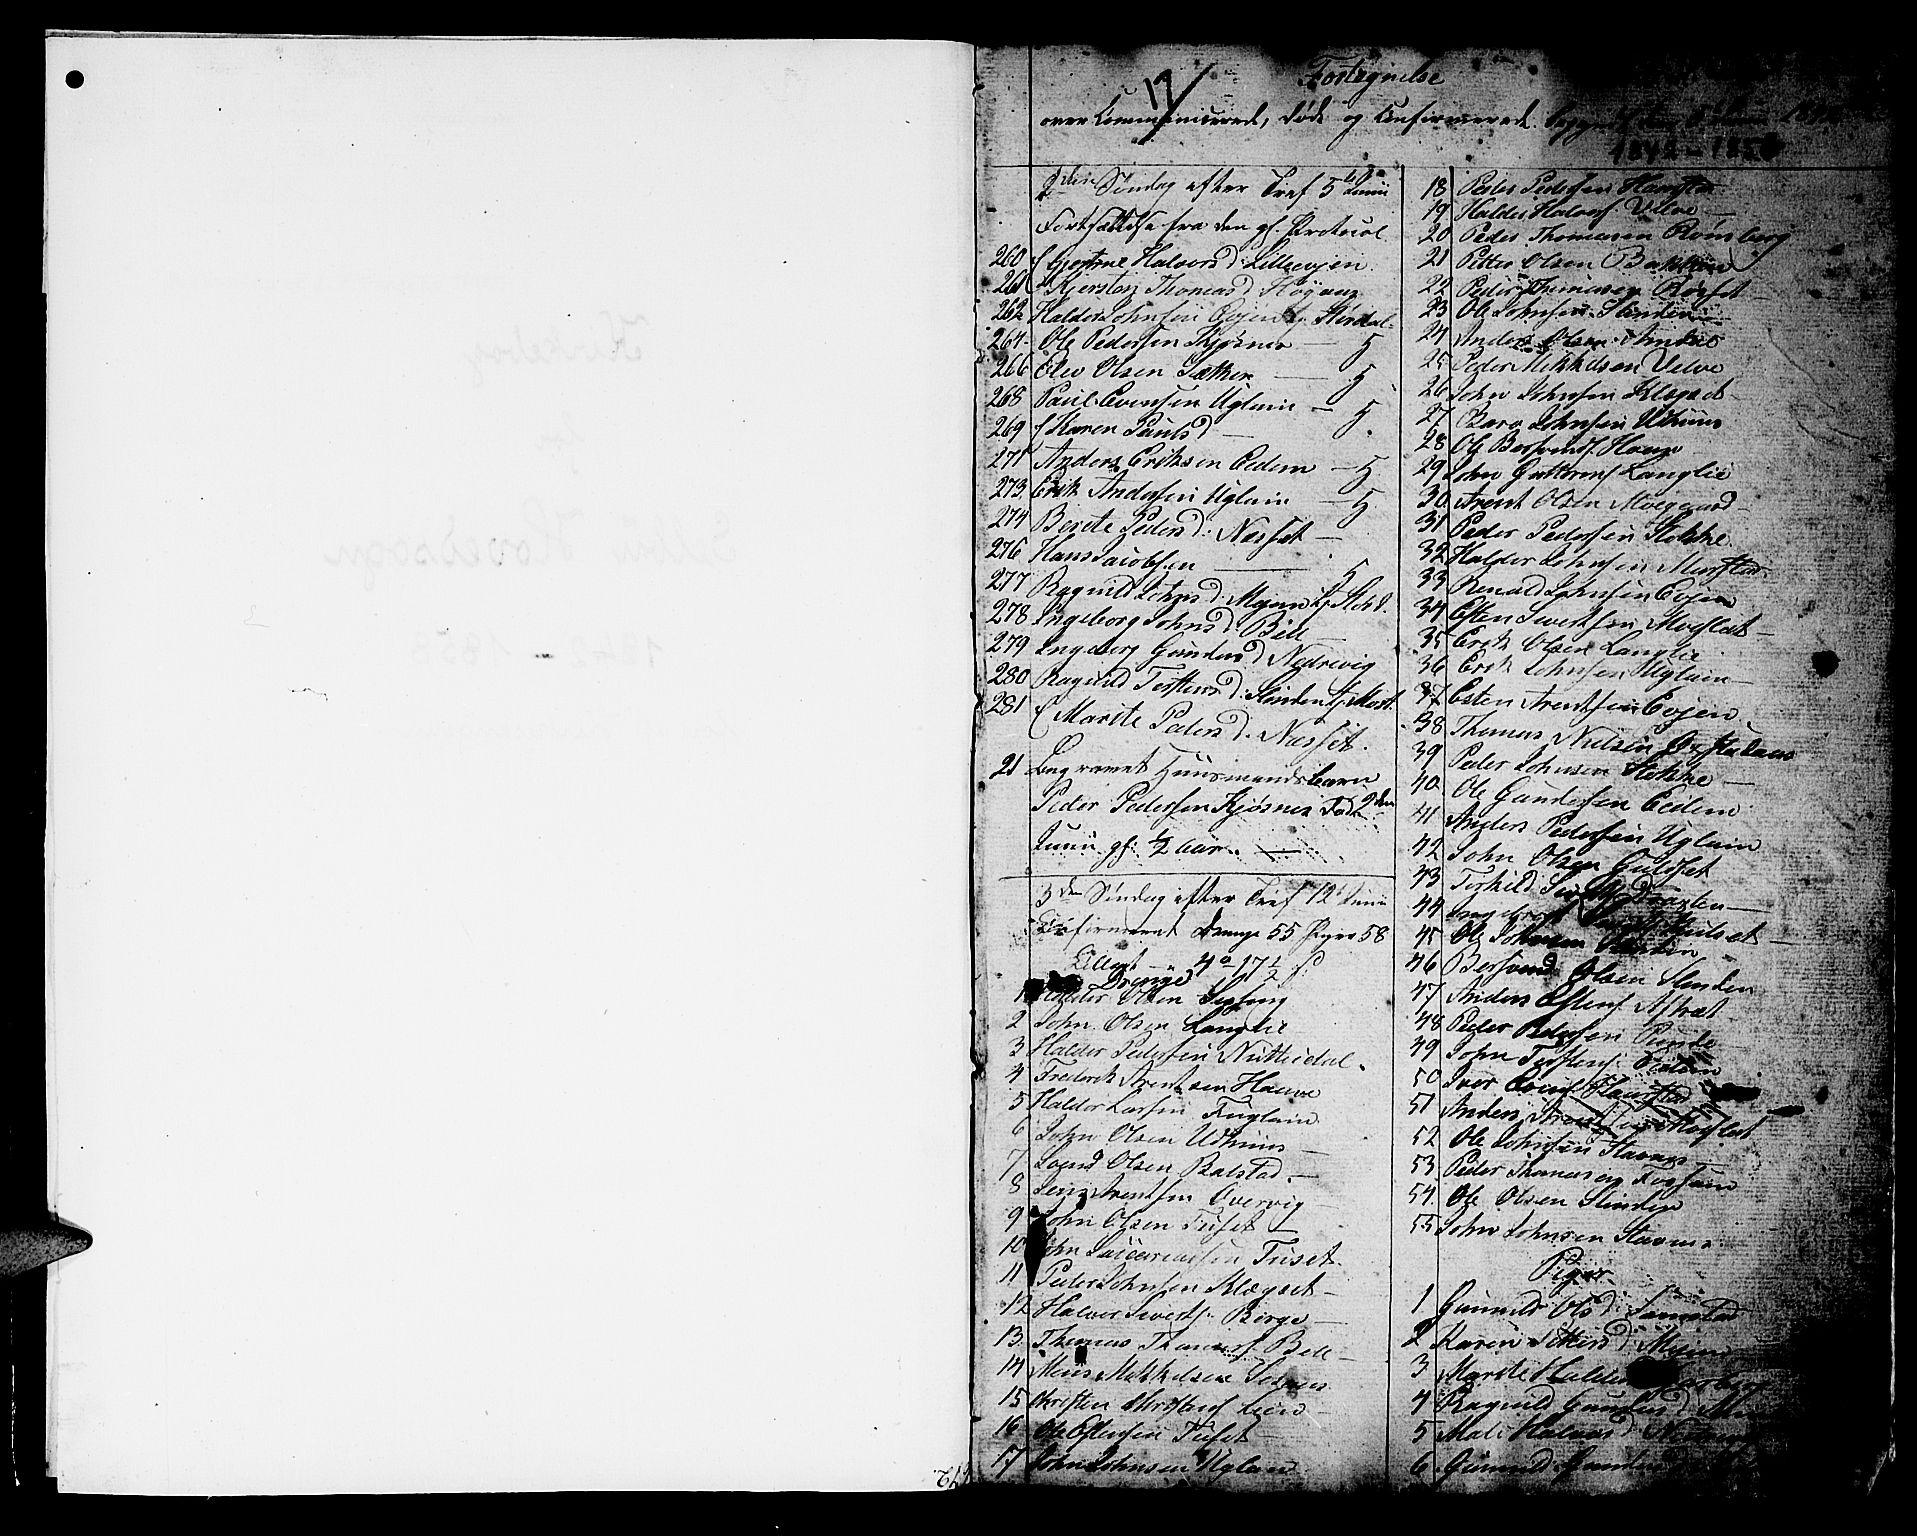 SAT, Ministerialprotokoller, klokkerbøker og fødselsregistre - Sør-Trøndelag, 695/L1154: Klokkerbok nr. 695C05, 1842-1858, s. 1